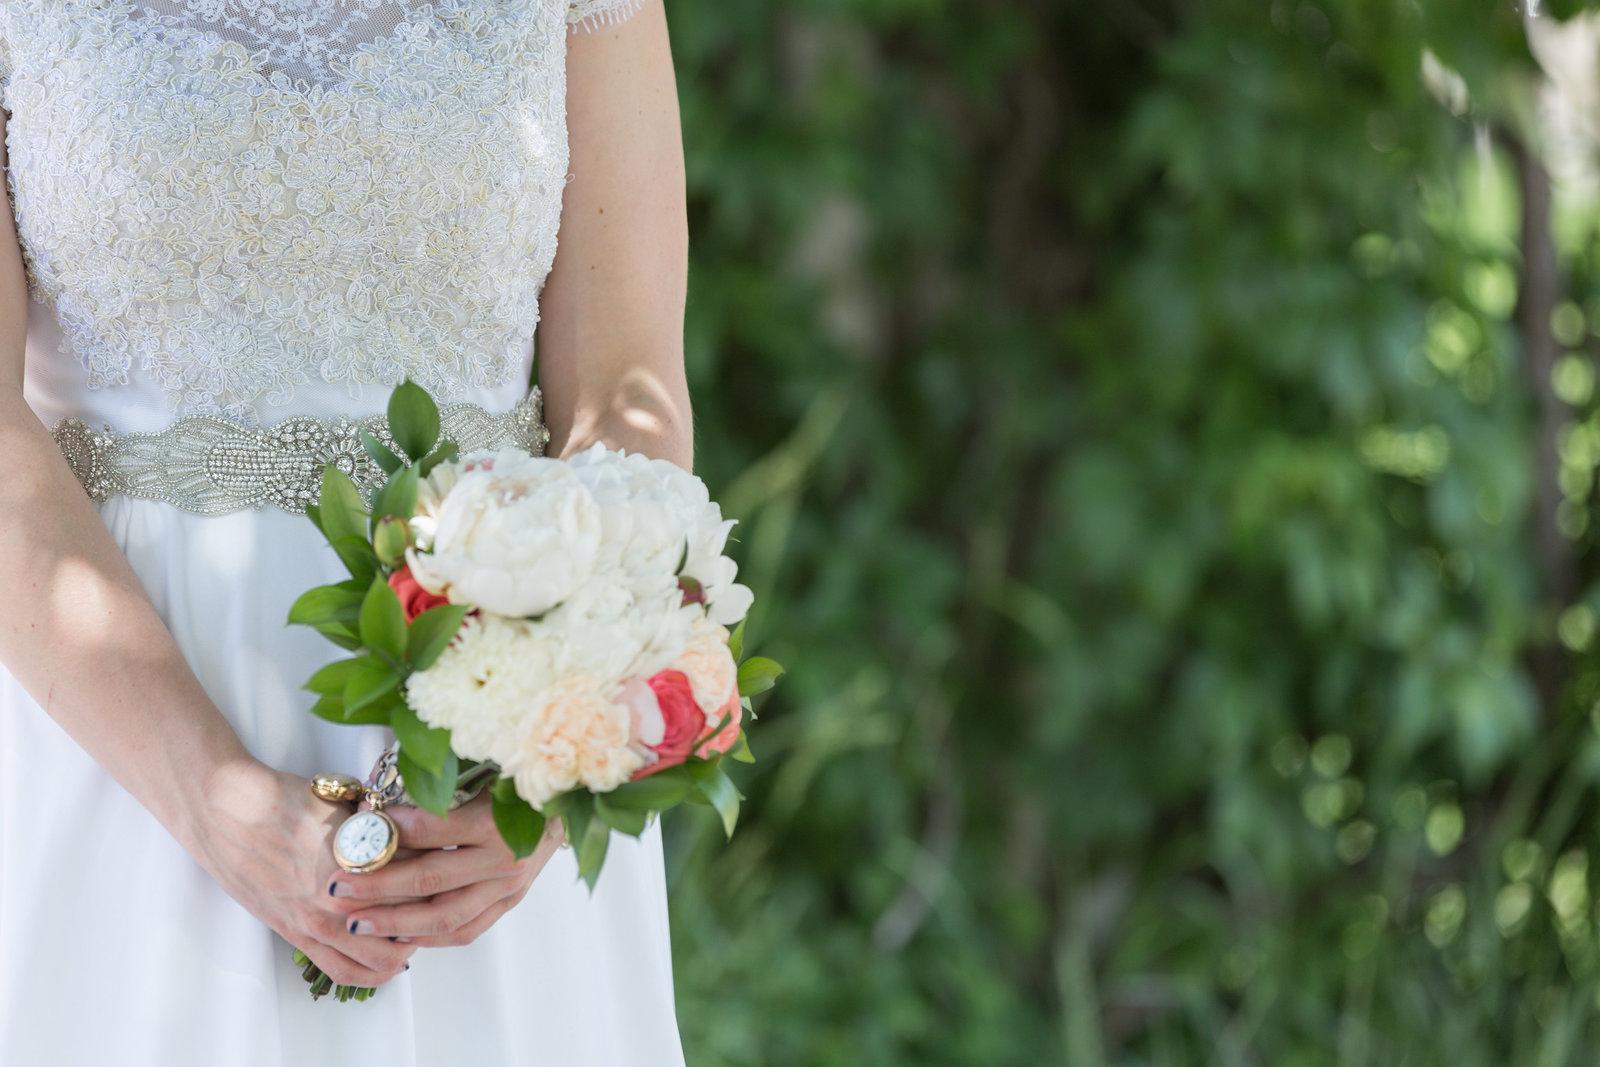 AE3L9963Angela-Elisabeth-Portraits-Wedding-